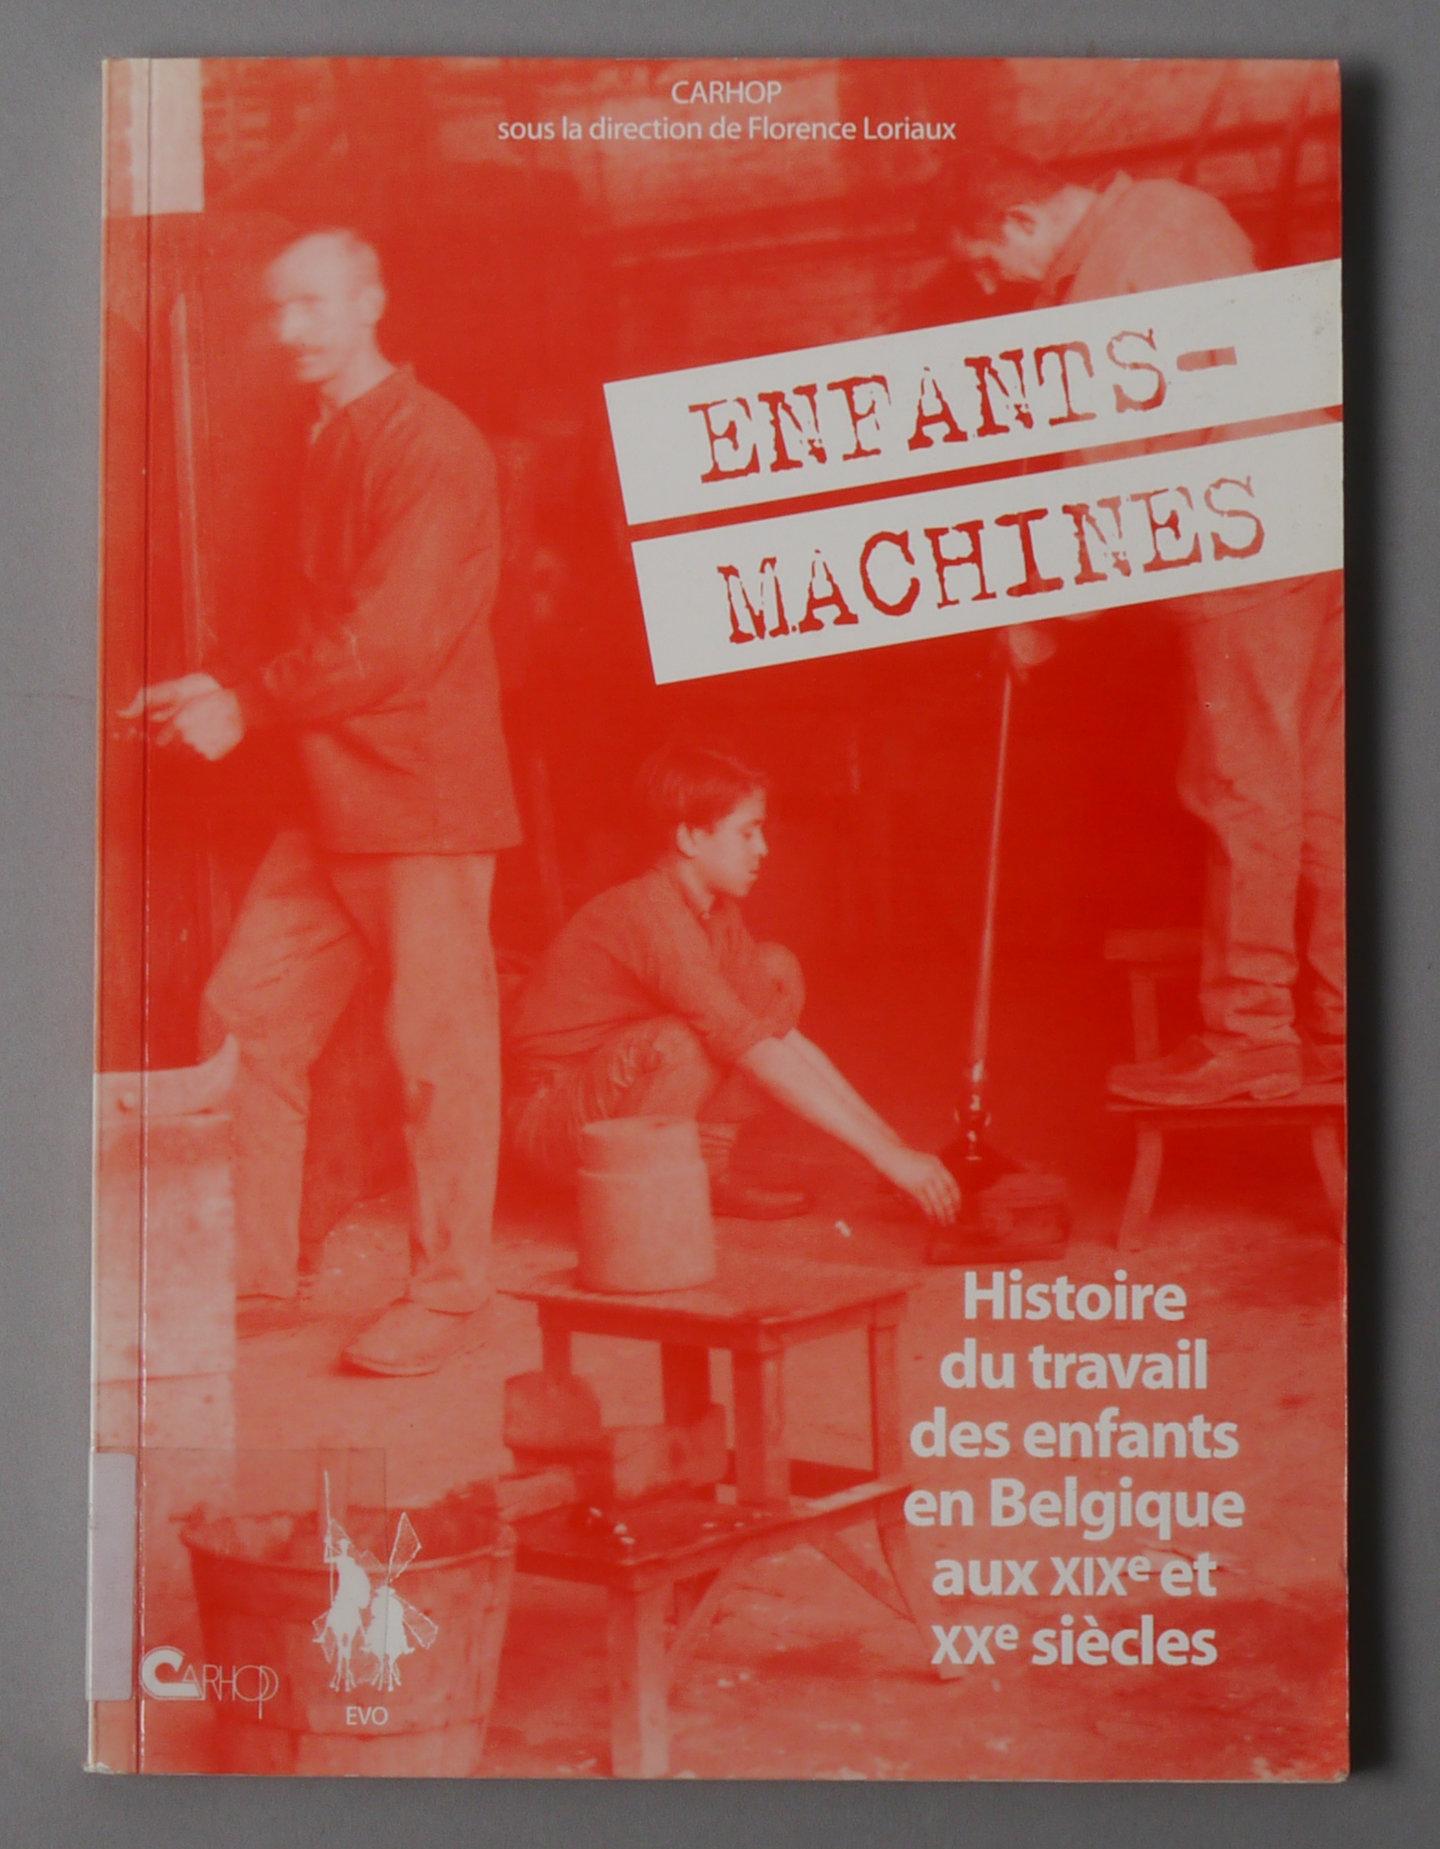 Enfants-machines: Histoire Du Travail Des Enfants En Belgique Aux Xixe Et Xxe Siècles.